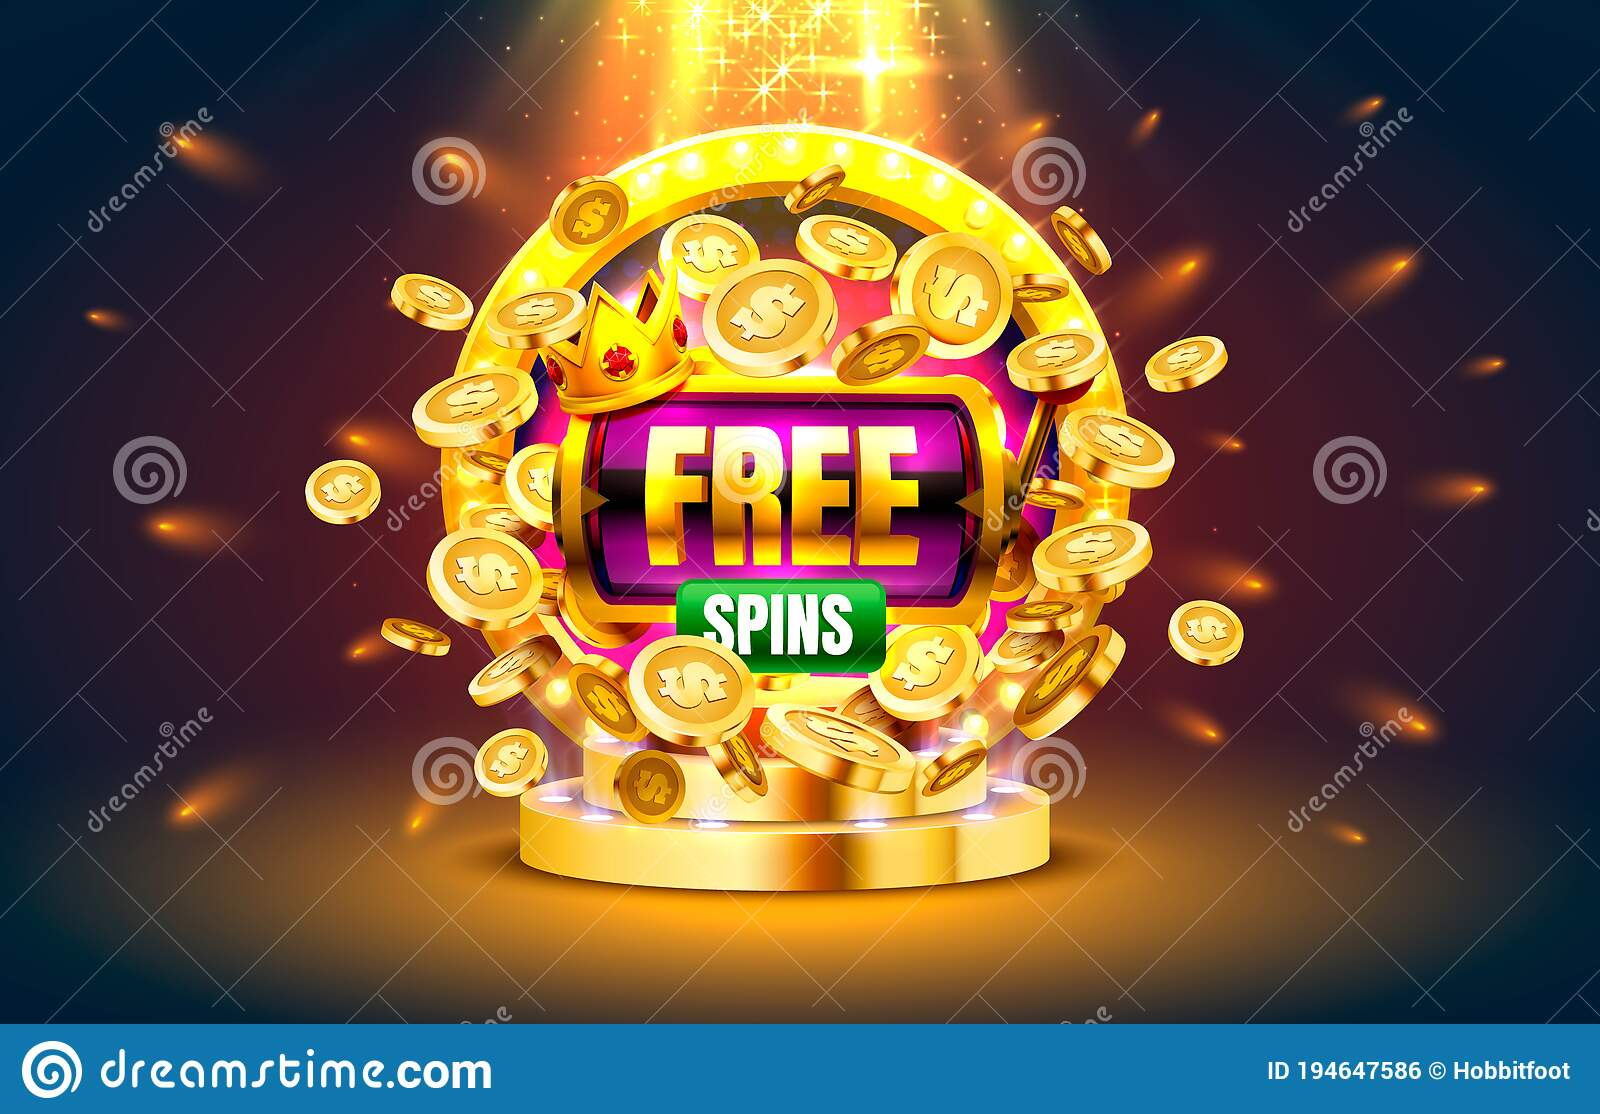 Sällskapsspel online 133599